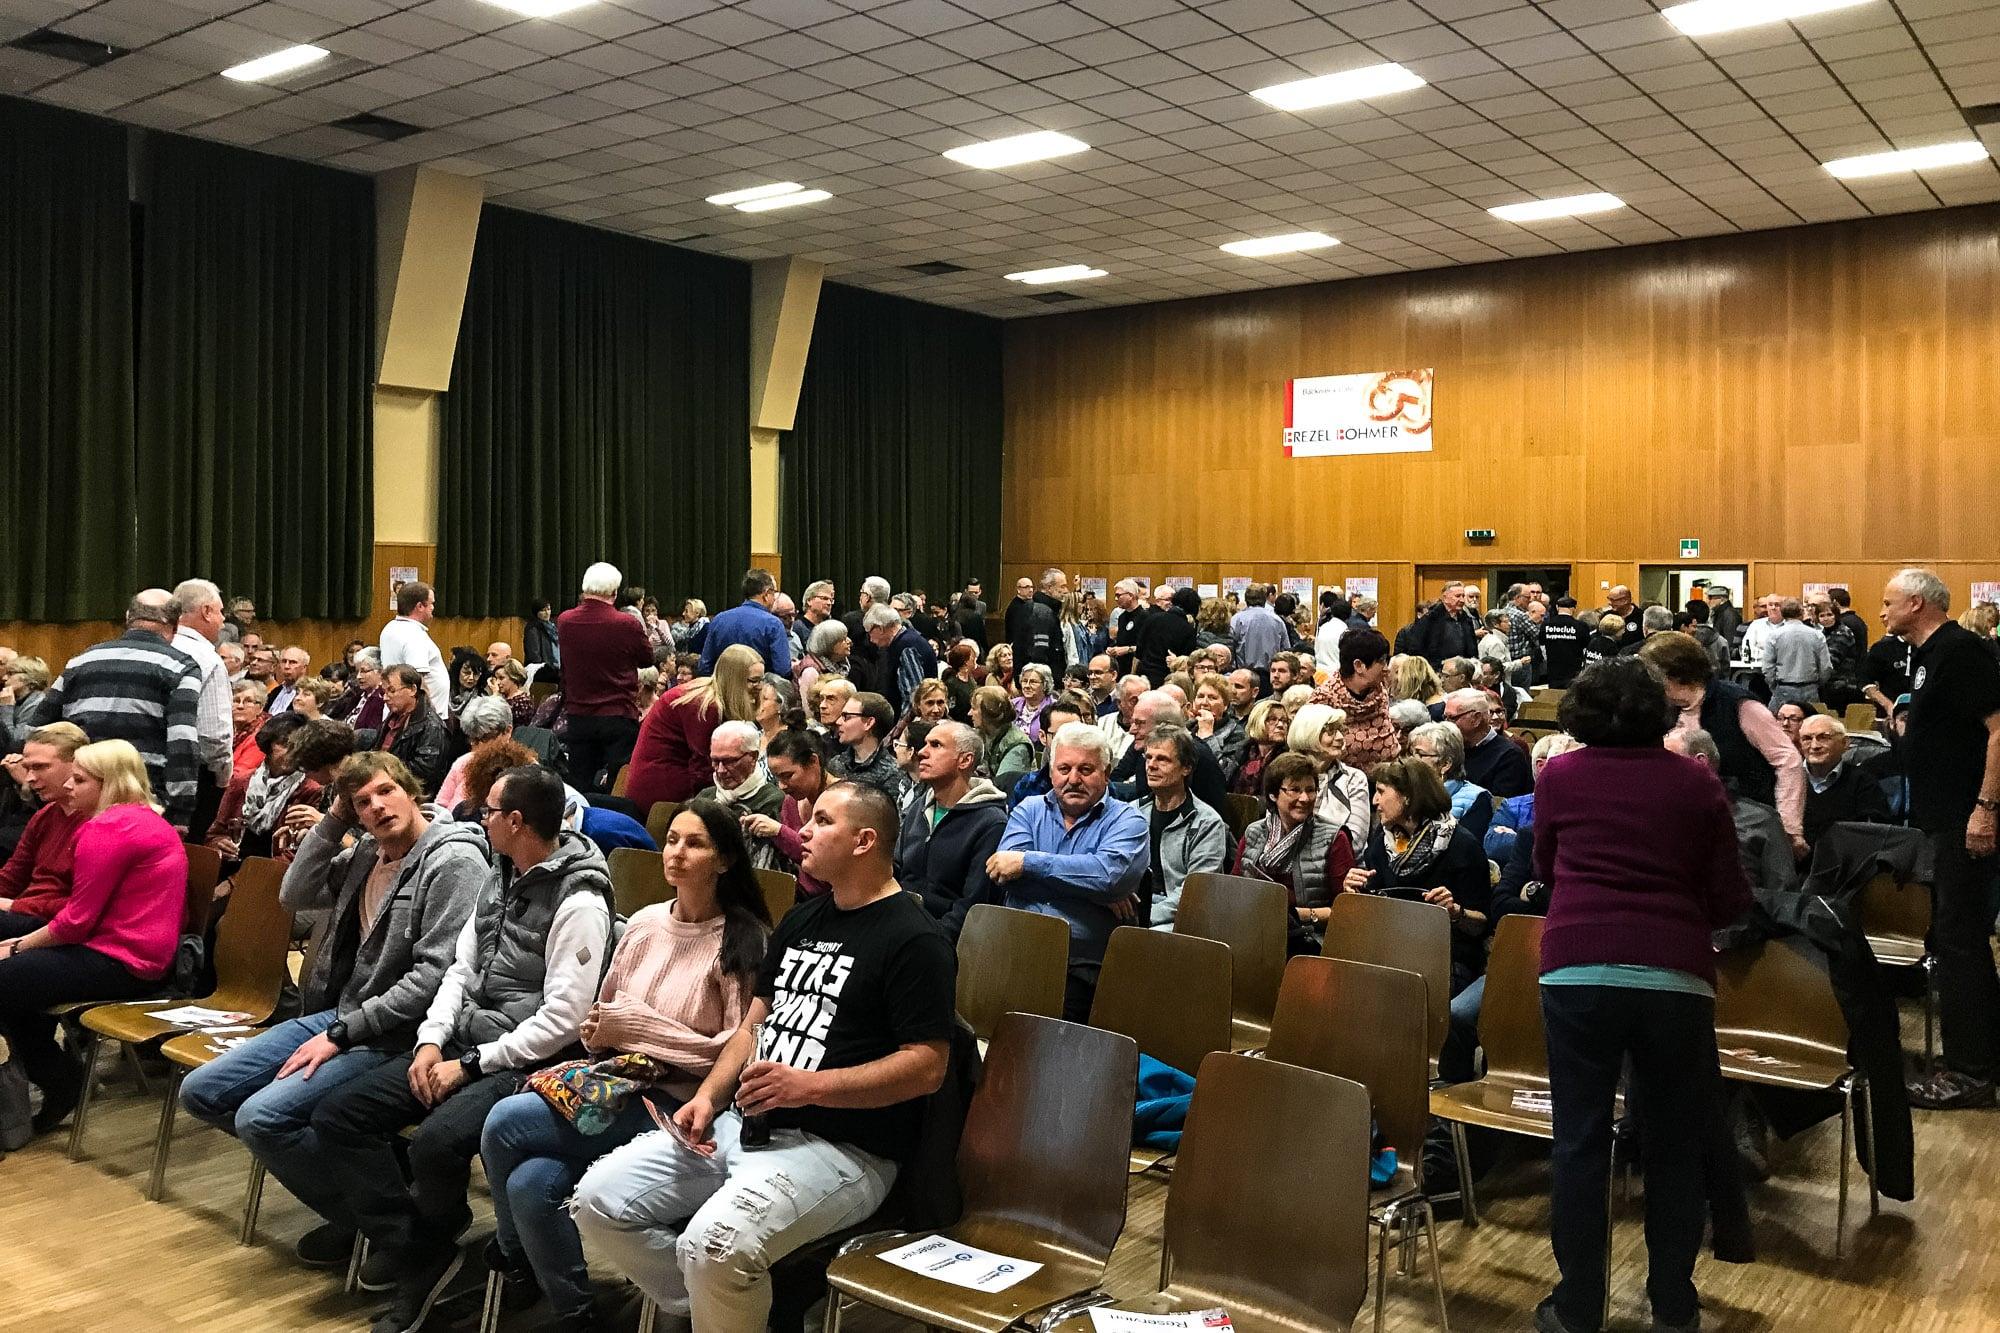 audience in Kuppenheim